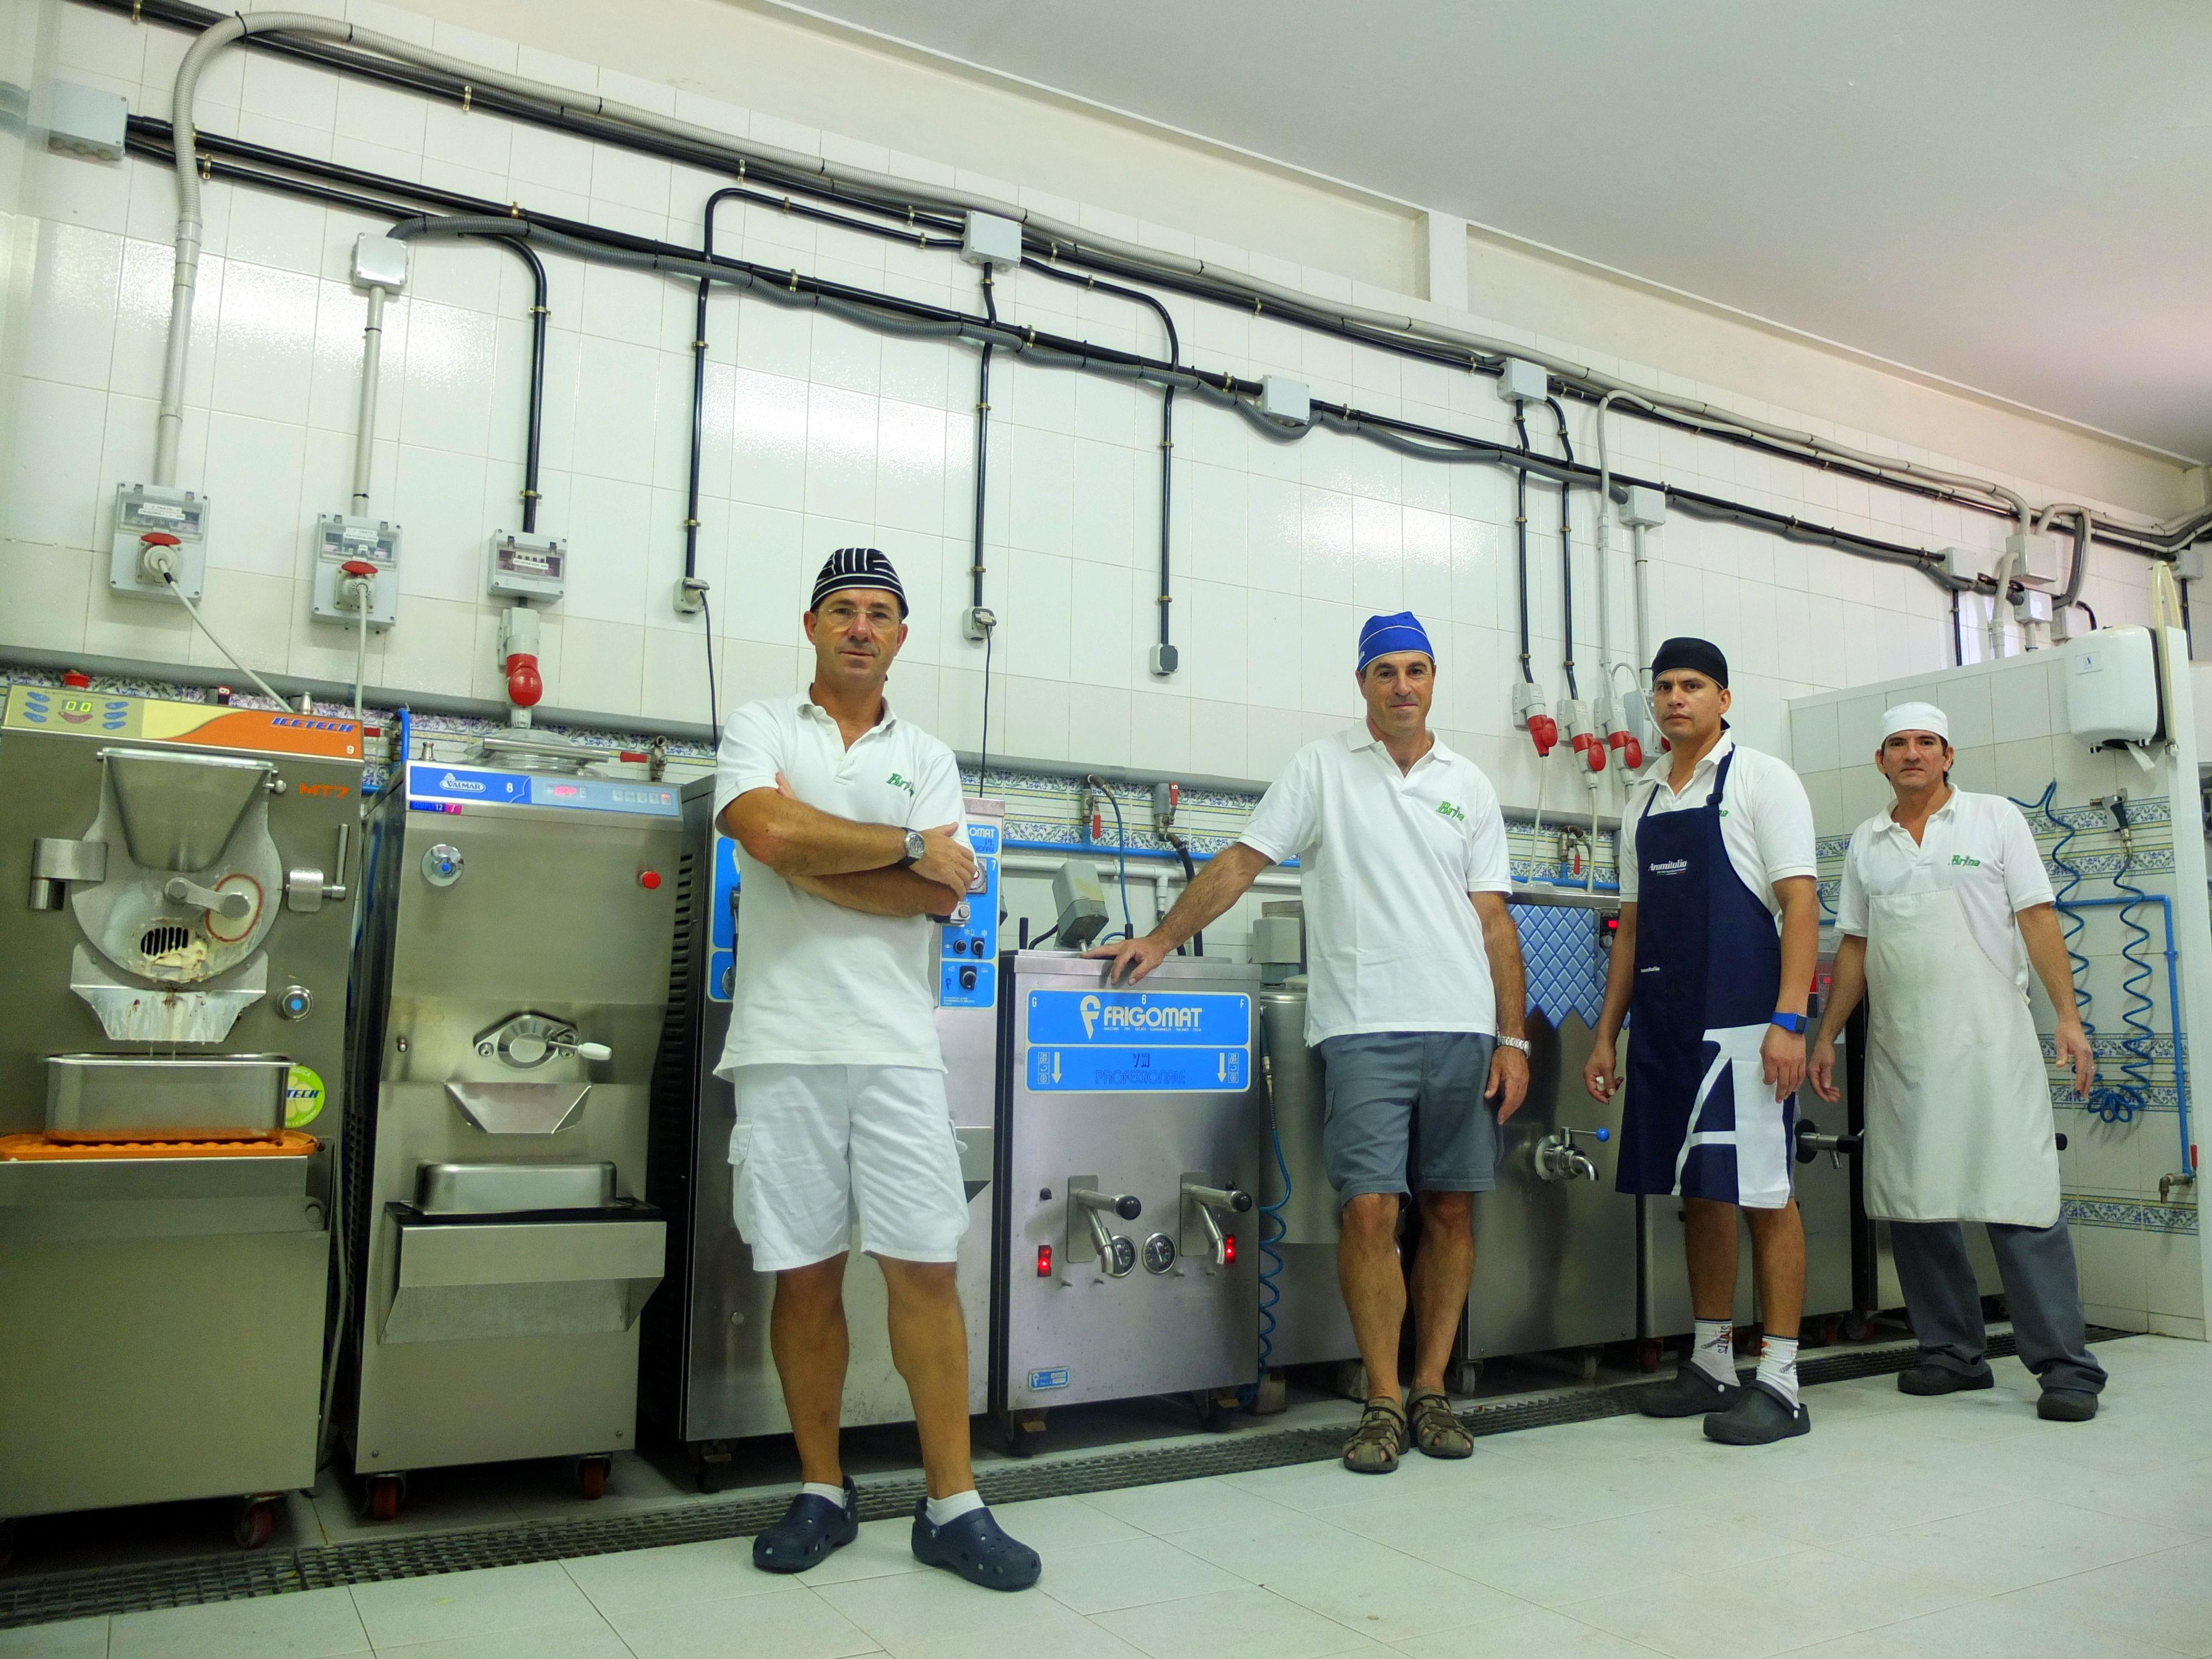 Foto 10 de Fábrica de helados en Mollet del Vallès | Brina, S.L.